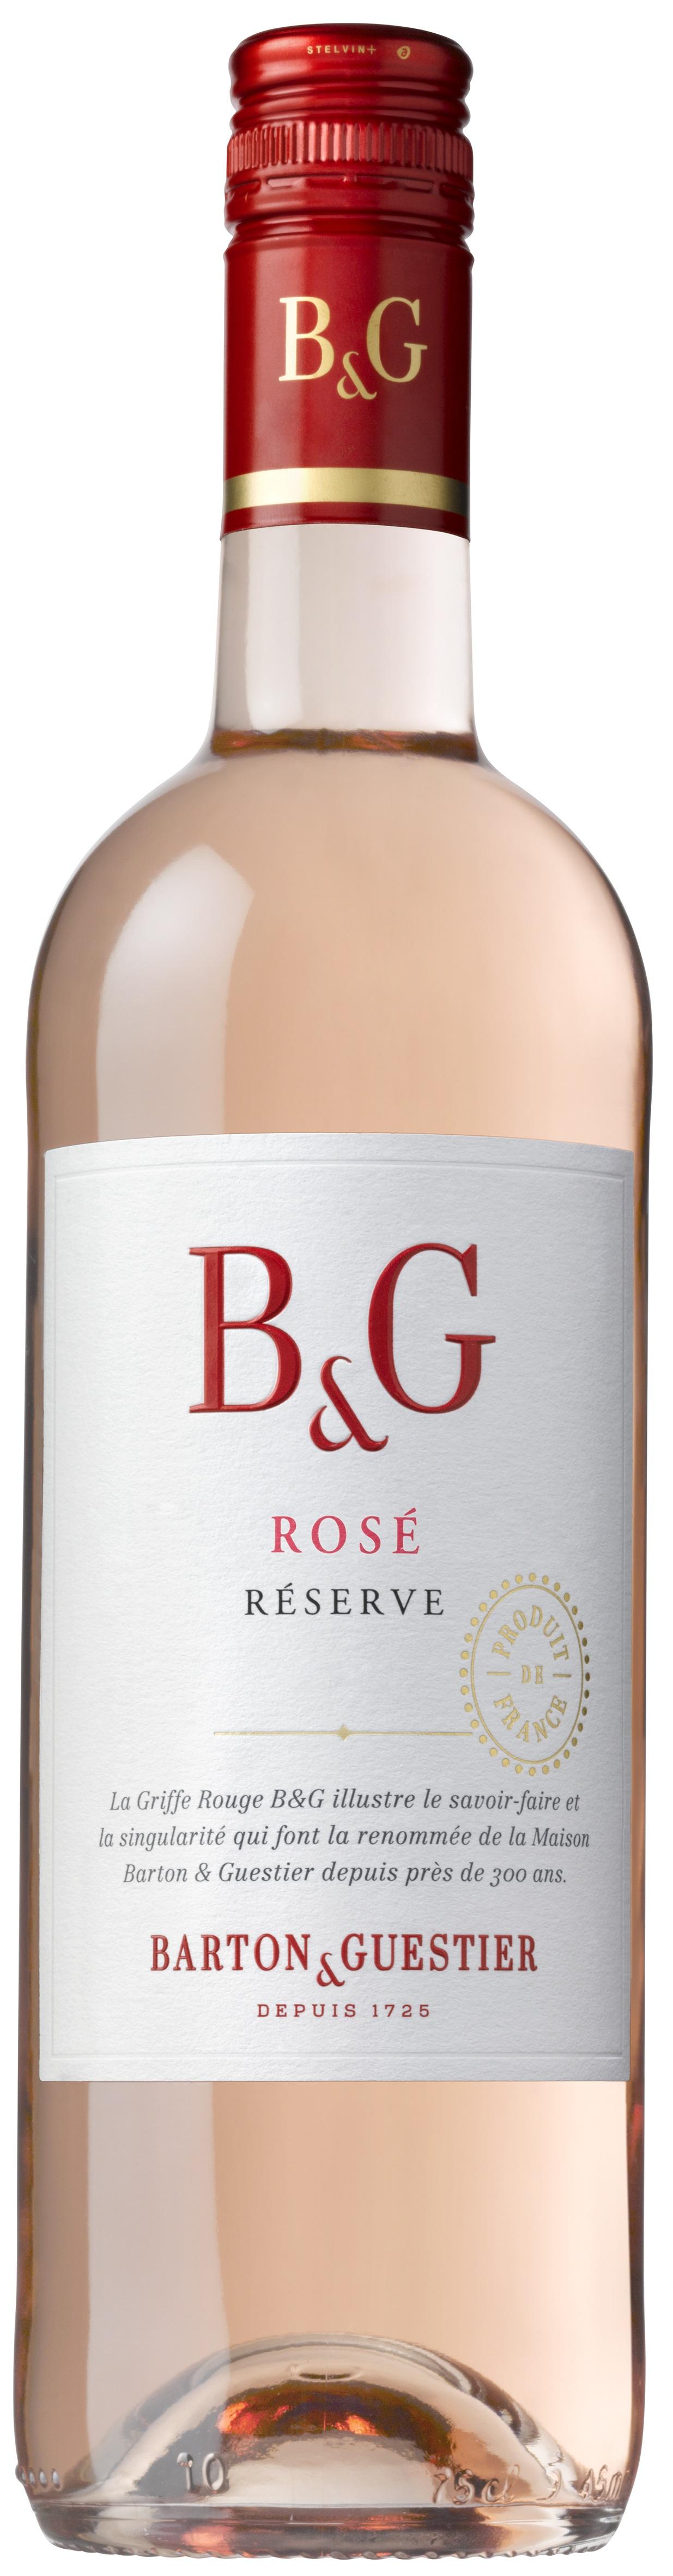 Barton & Guestier, Réserve, Shiraz, Languedoc, IGP, trocken, rosé